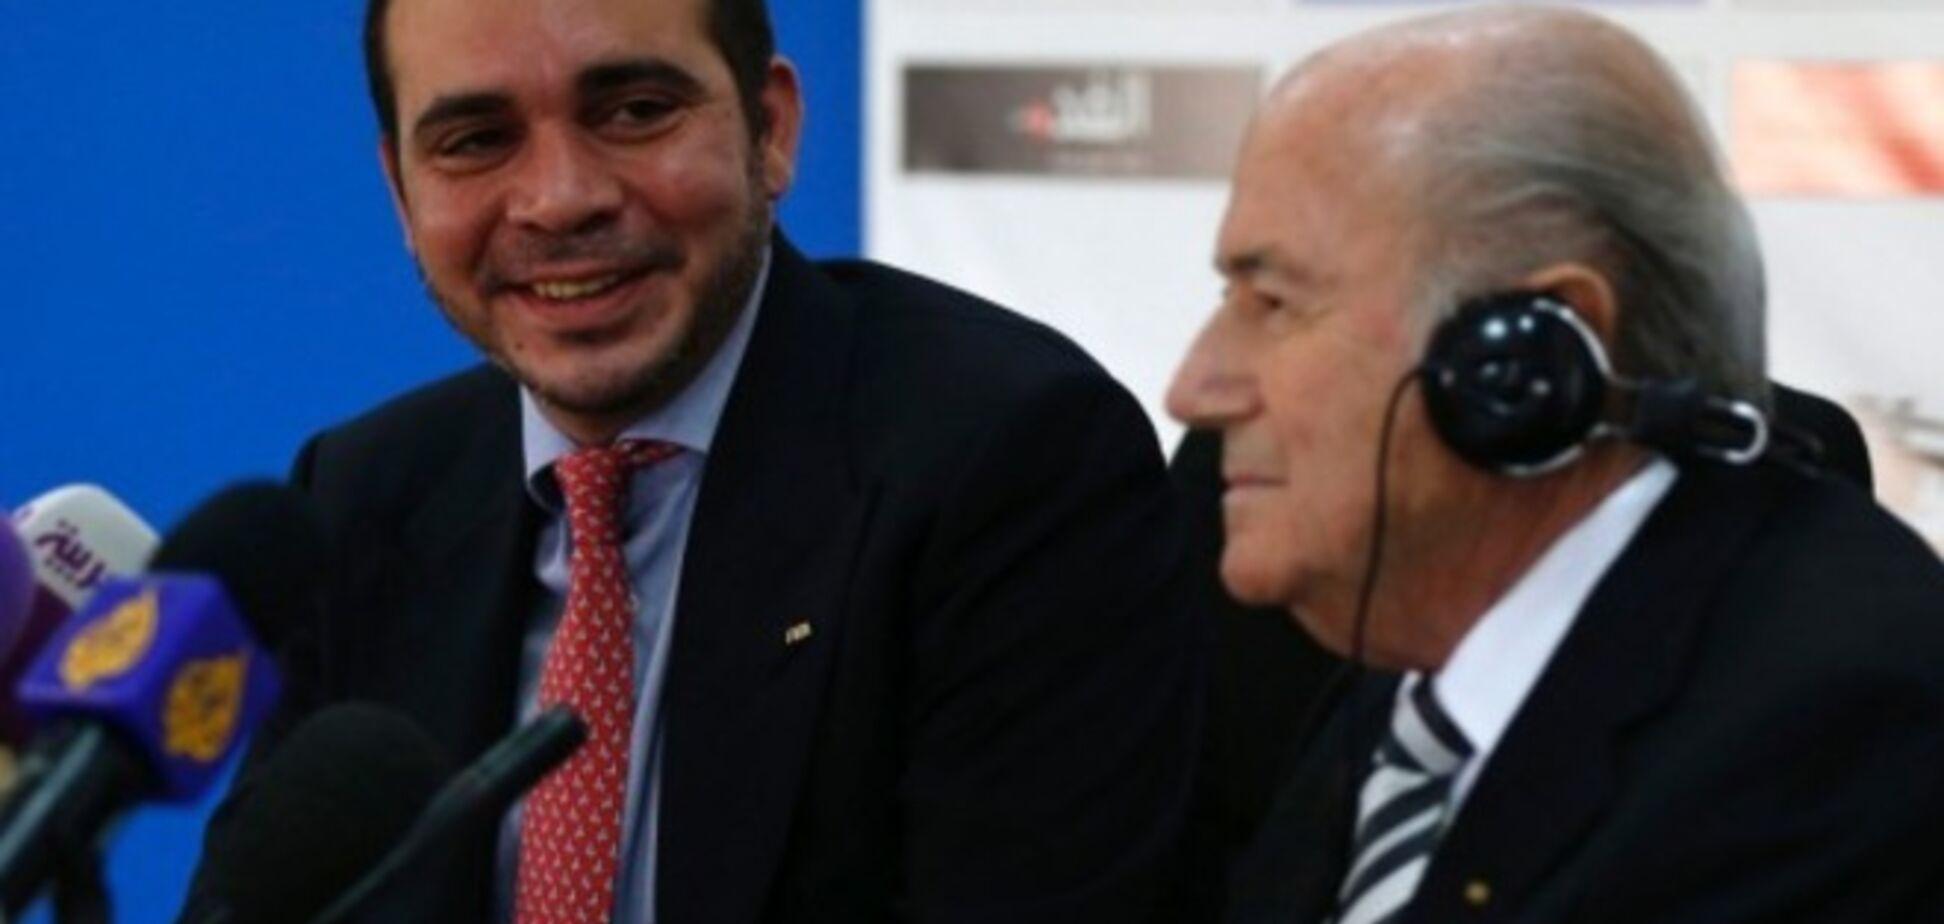 Принц Иордании бросил вызов президенту ФИФА Блаттеру